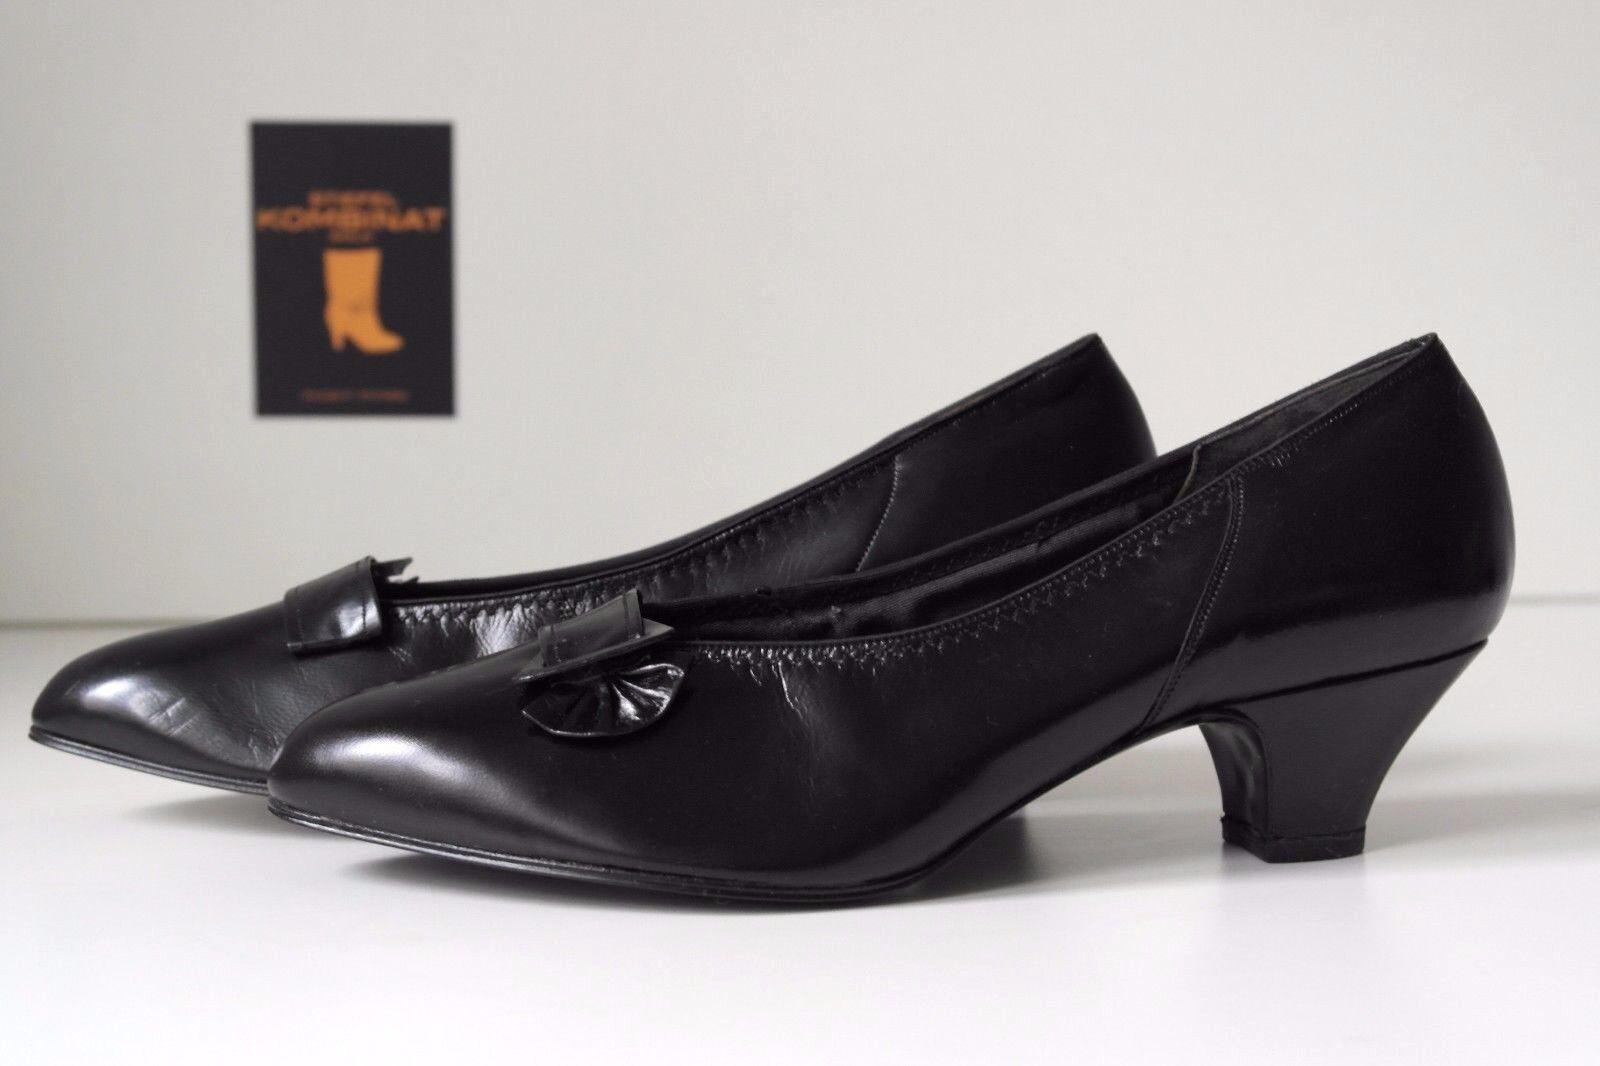 miglior reputazione Rheinberger maestro ganiba SCARPE DA DONNA PUMPS SCARPE True True True Vintage Mezza scarpa  buon prezzo